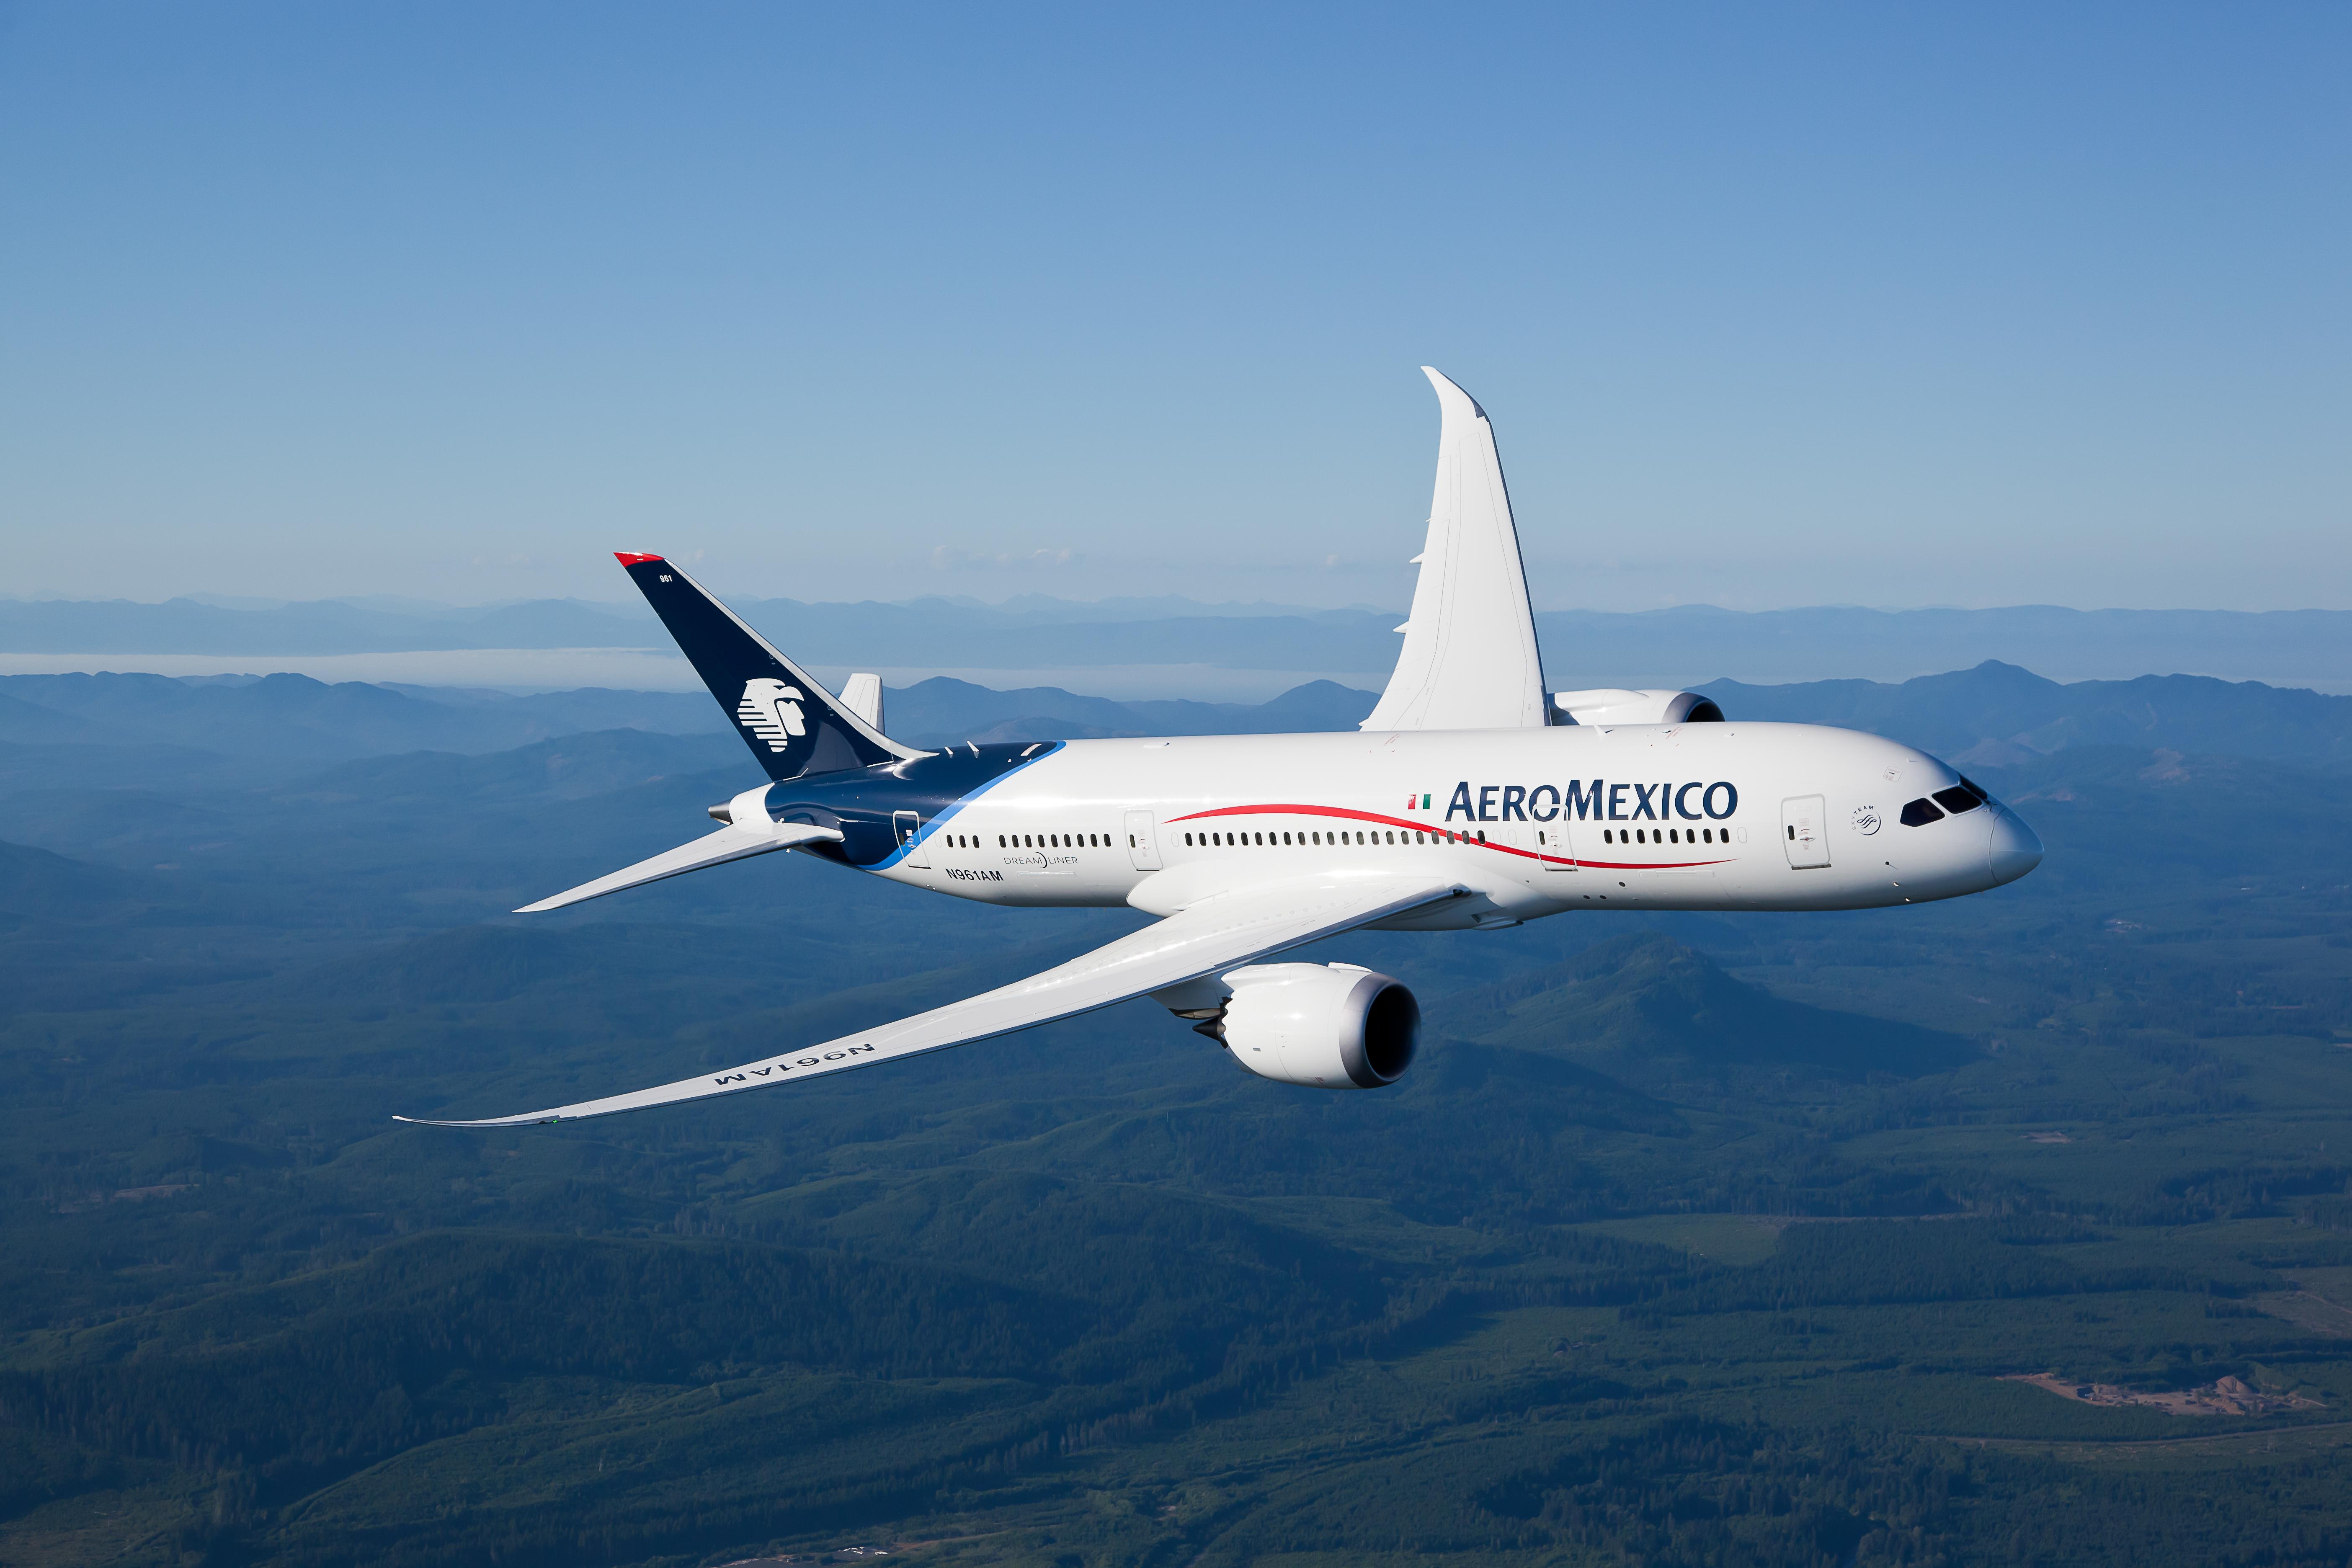 Aeromexico 787 LN 115 Air to Air